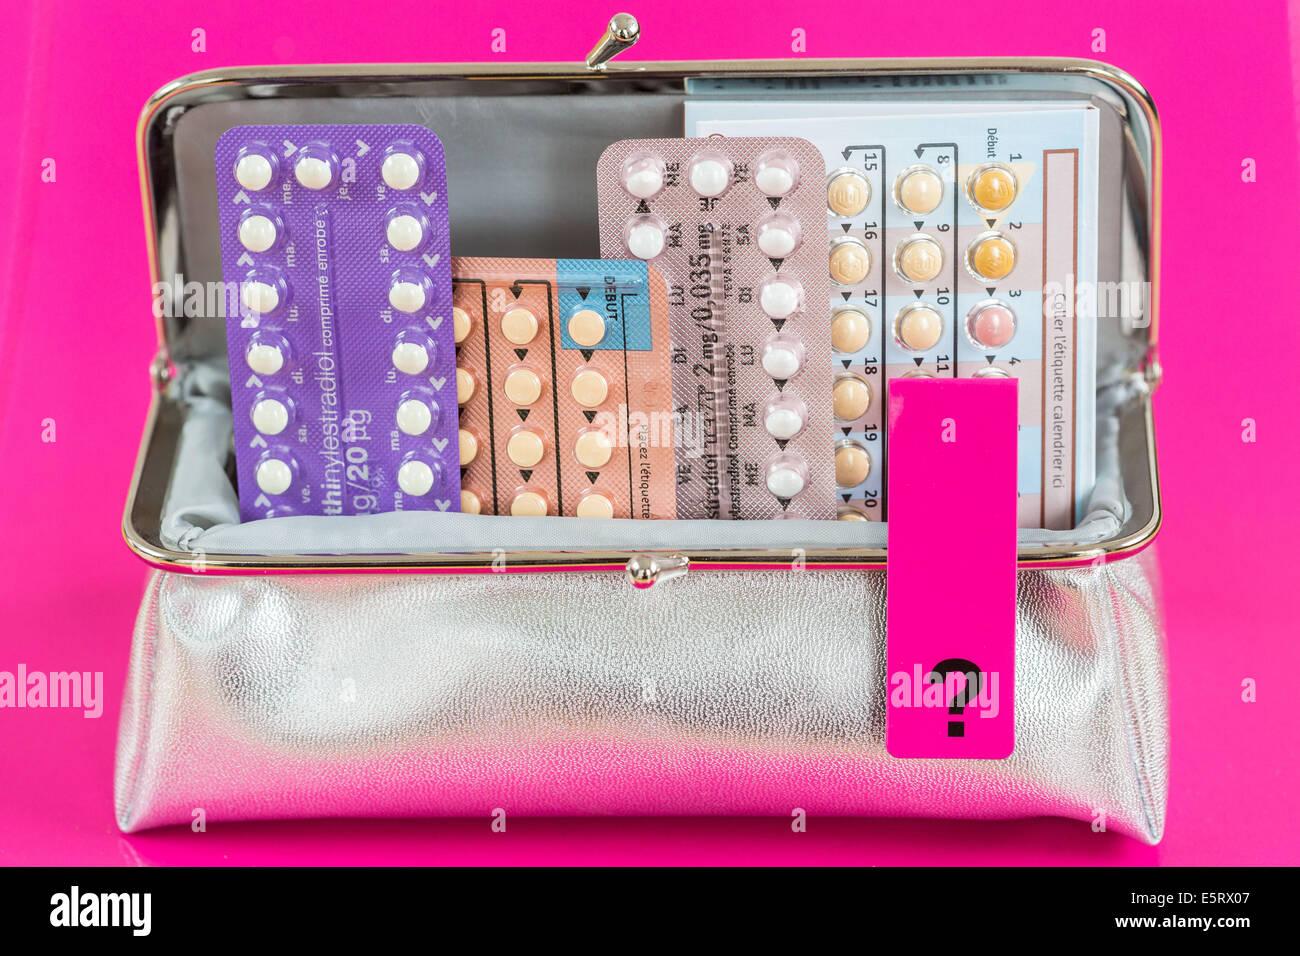 Concepto de píldoras anticonceptivas. Imagen De Stock